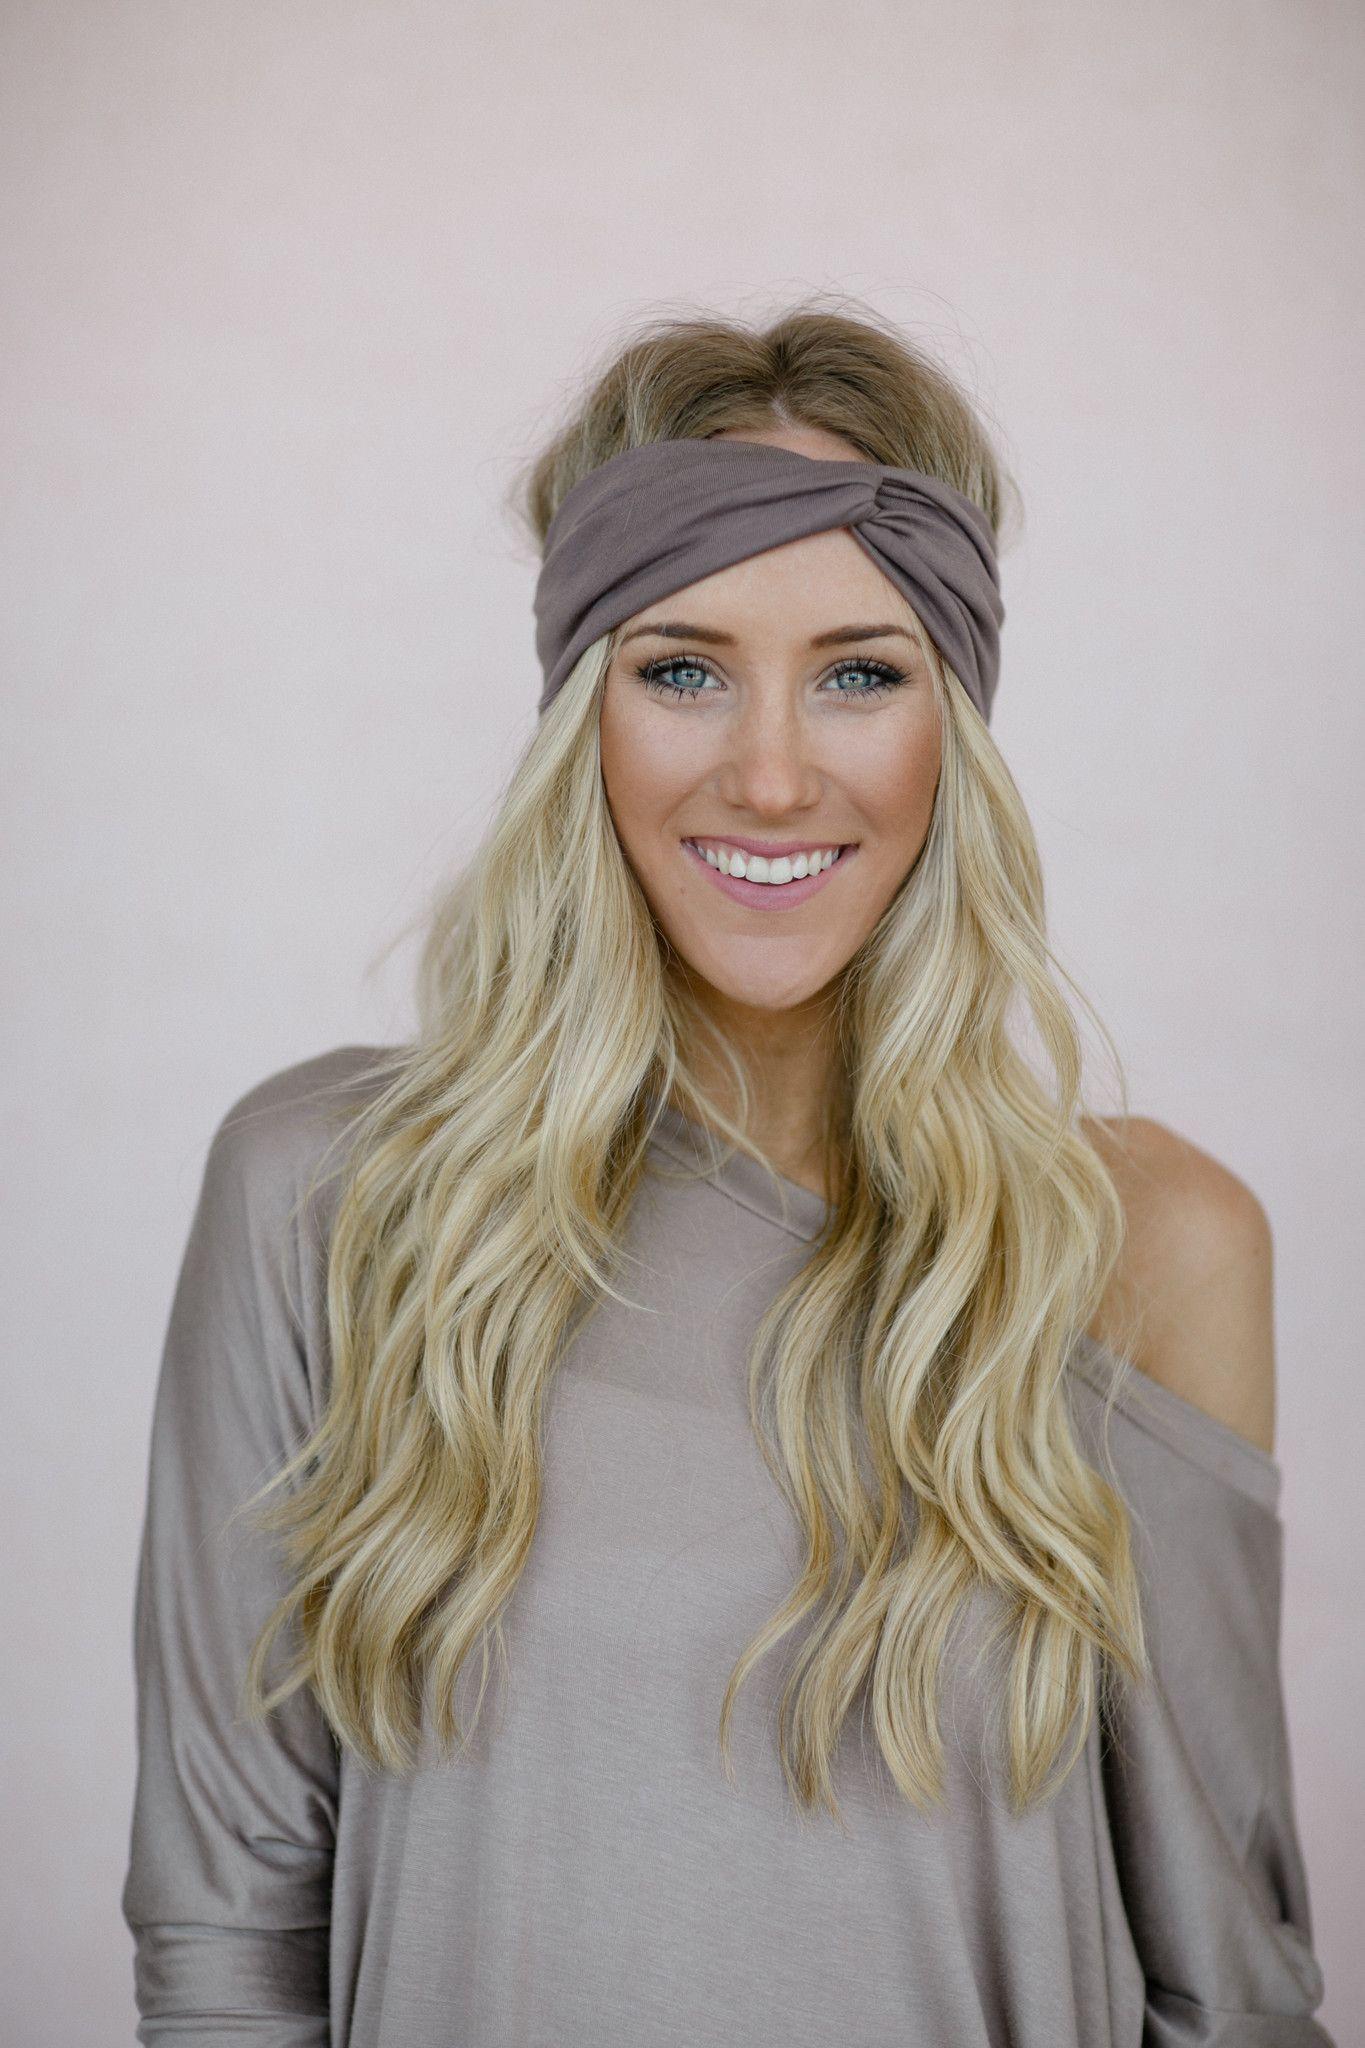 Mocha turband headband by three bird nest womenus bohemian